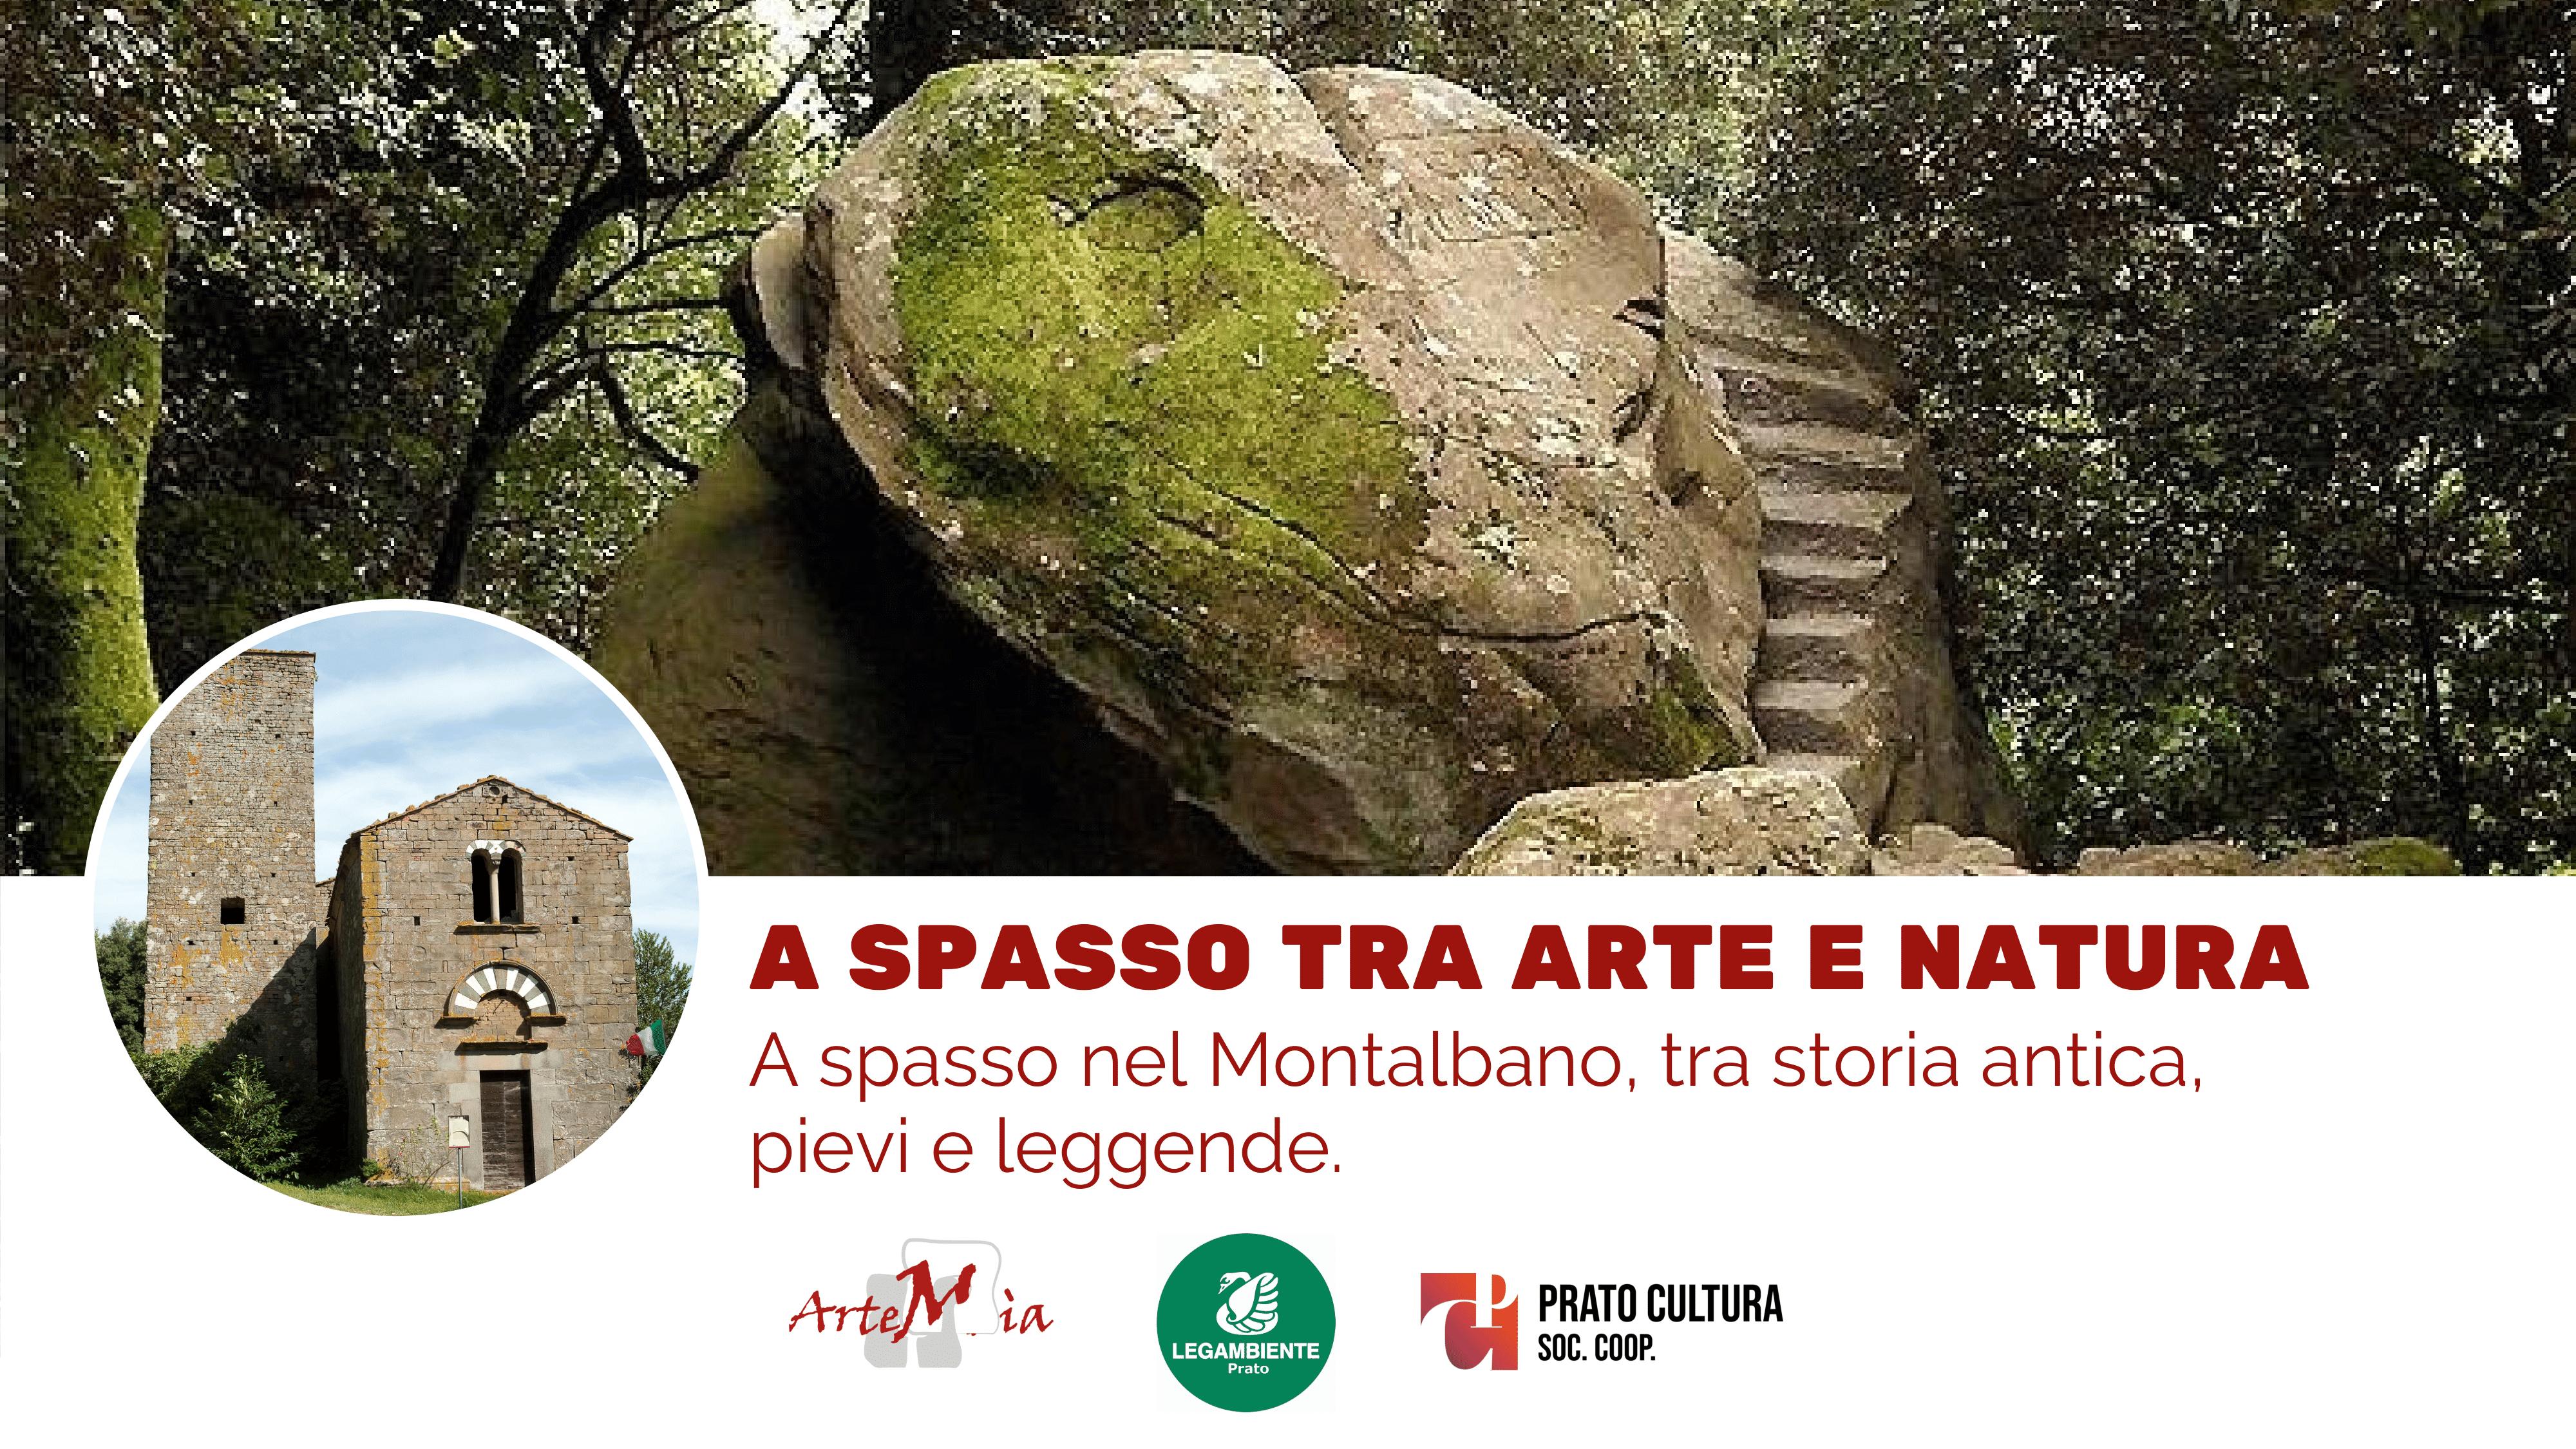 Visita: A SPASSO TRA ARTE E NATURA - A spasso nel Montalbano, tra storia antica, pievi e leggende.